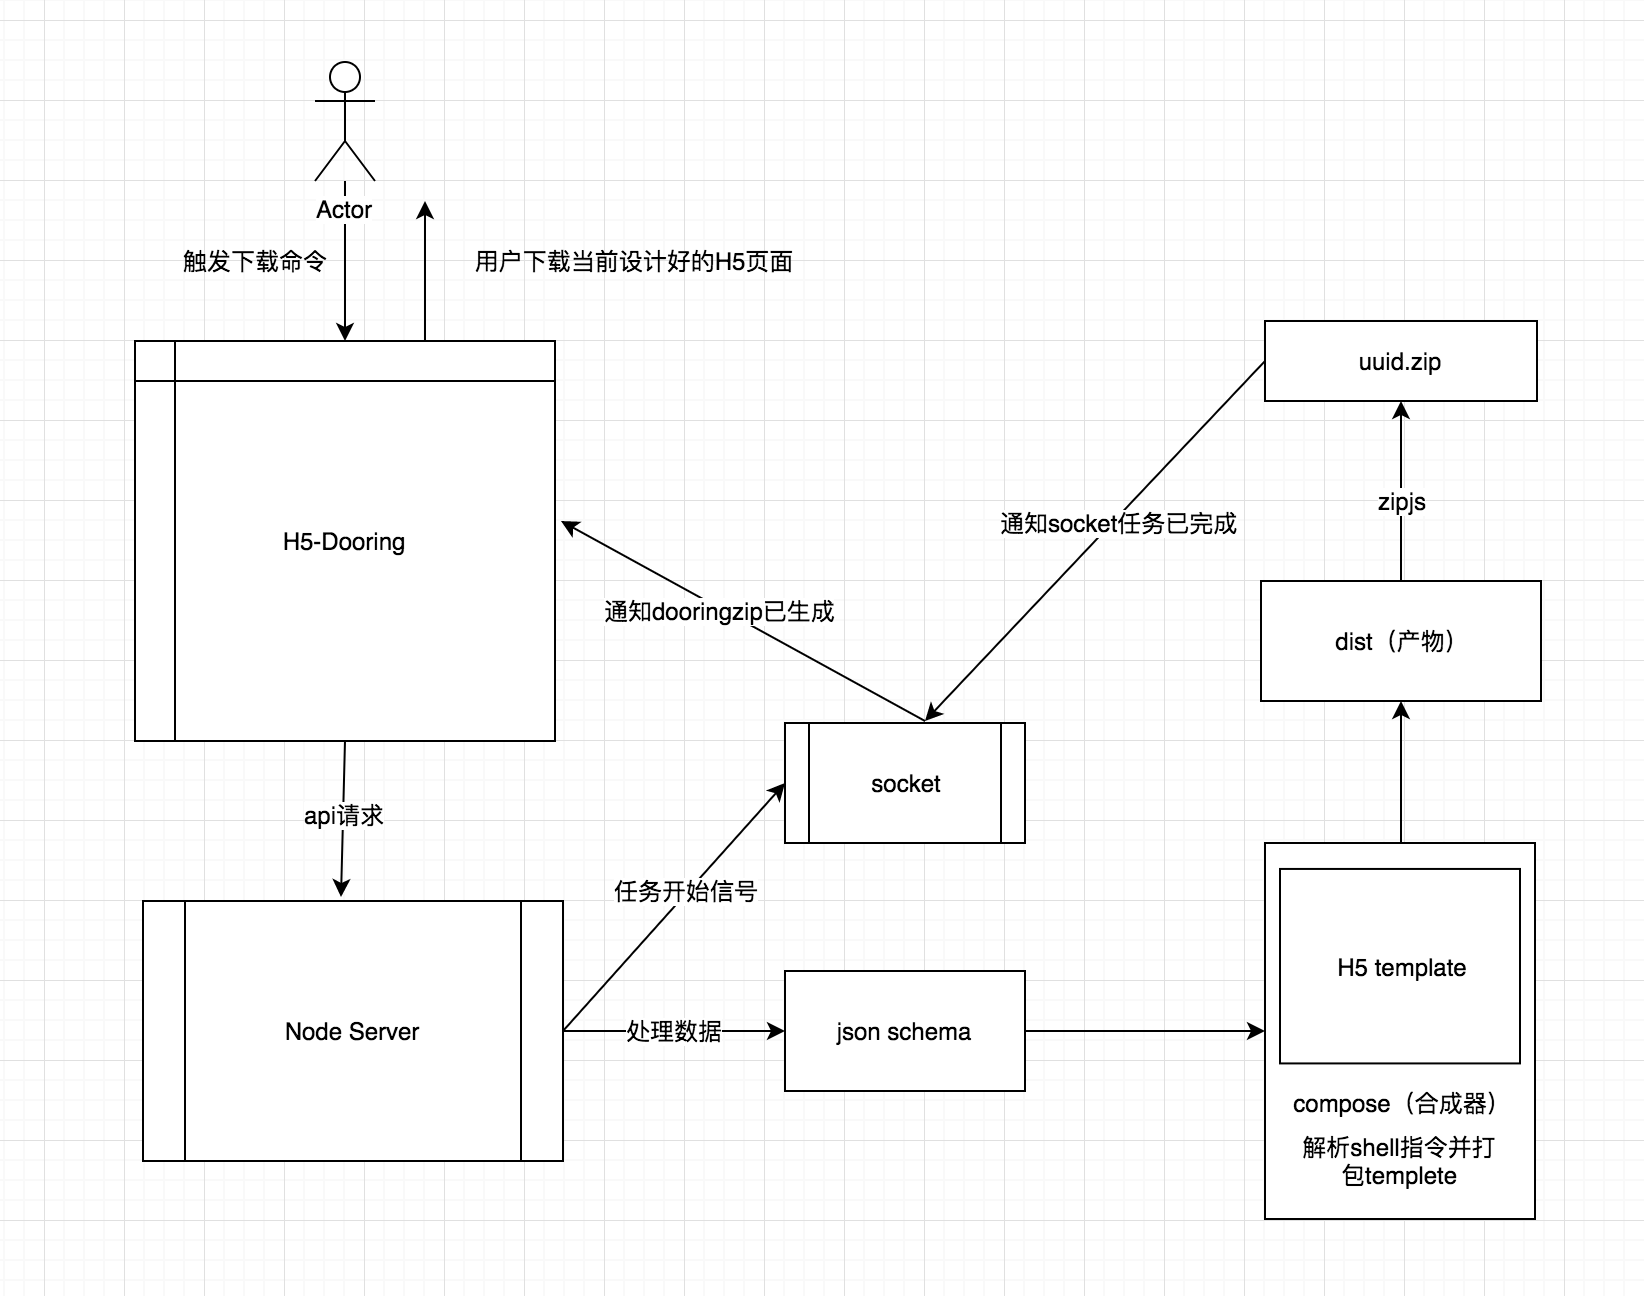 基于NodeJS从零构建线上自动化打包工作流(H5-Dooring特别版)